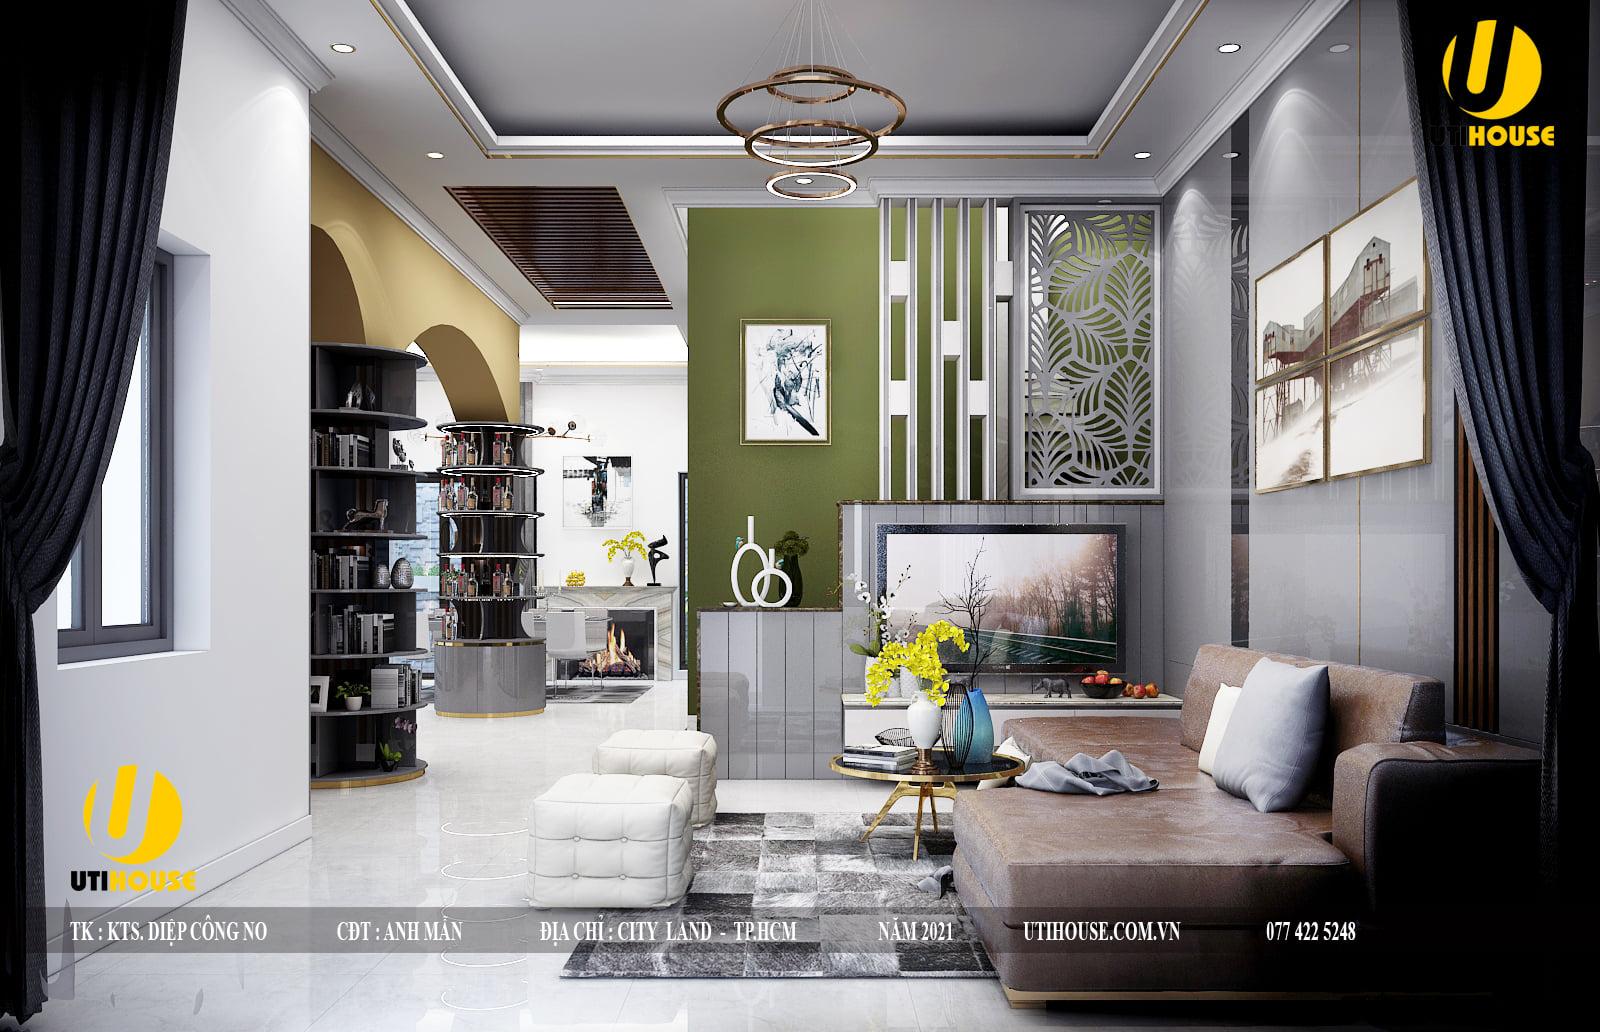 Nội thất phòng khách của biệt thự hiện đại